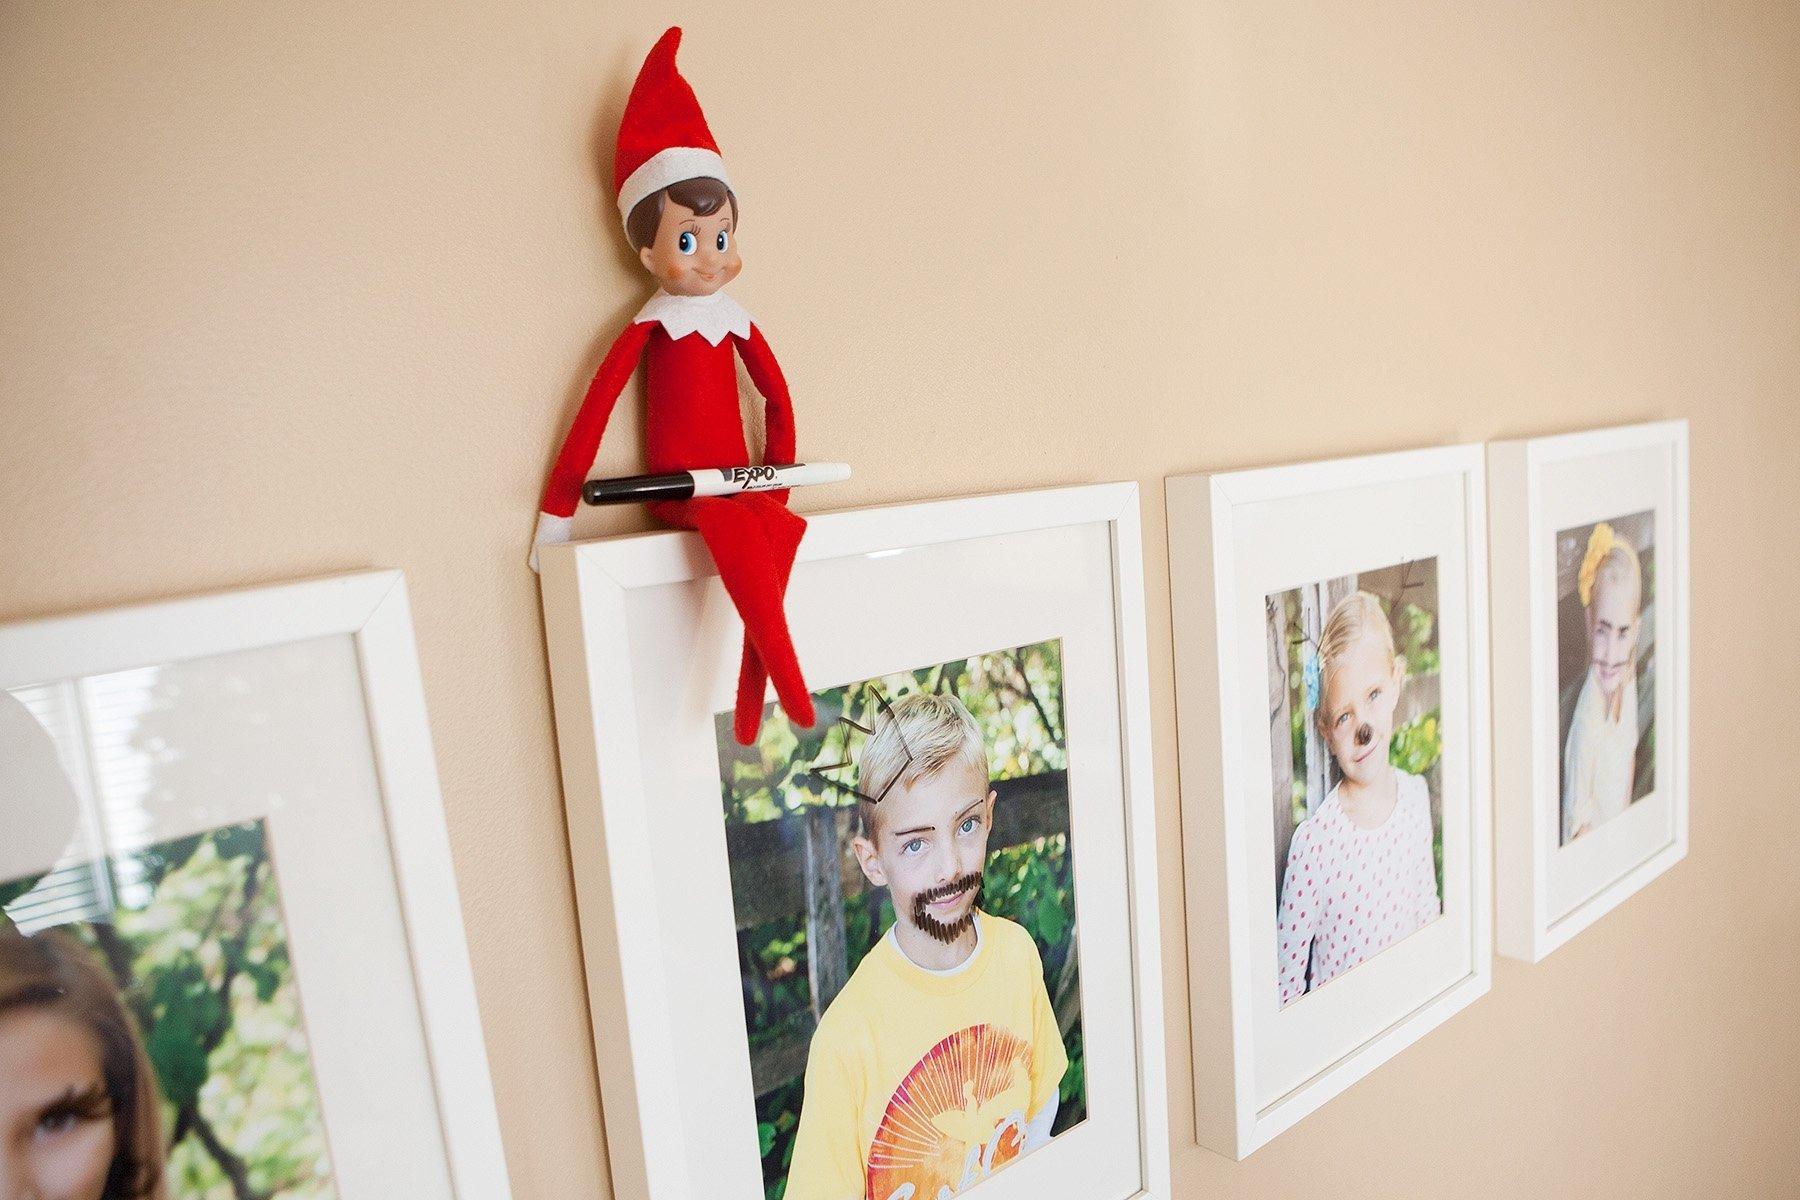 10 Pretty Elf On The Shelf Idea than 40 easy elf on the shelf ideas 4 2020